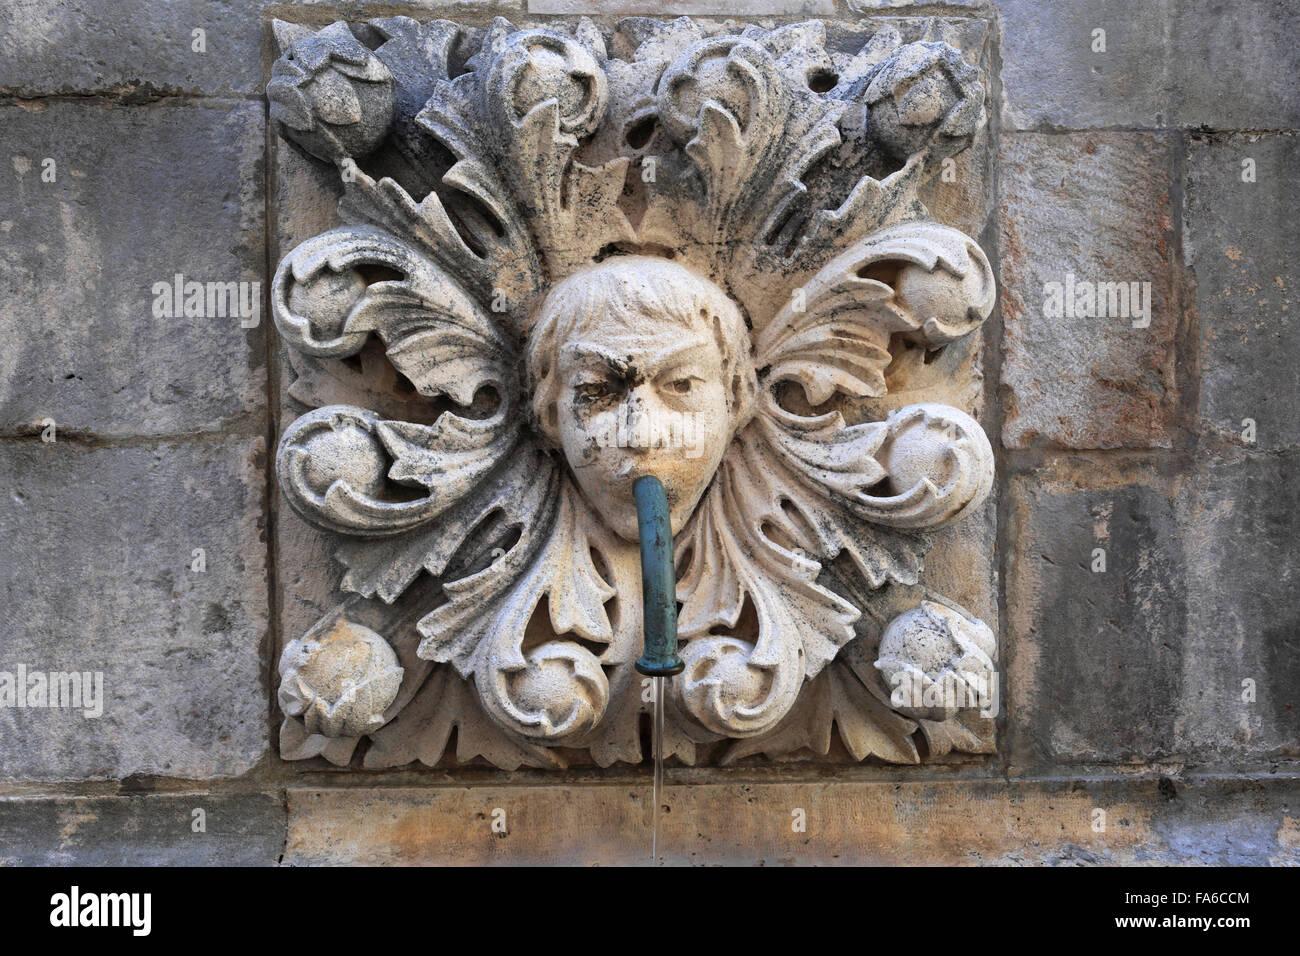 La gran Onofrios Fountain, Main Street, Dubrovnik, del condado de Dubrovnik-Neretva, la costa dálmata, Mar Adriático, Croacia, Balcanes, Foto de stock